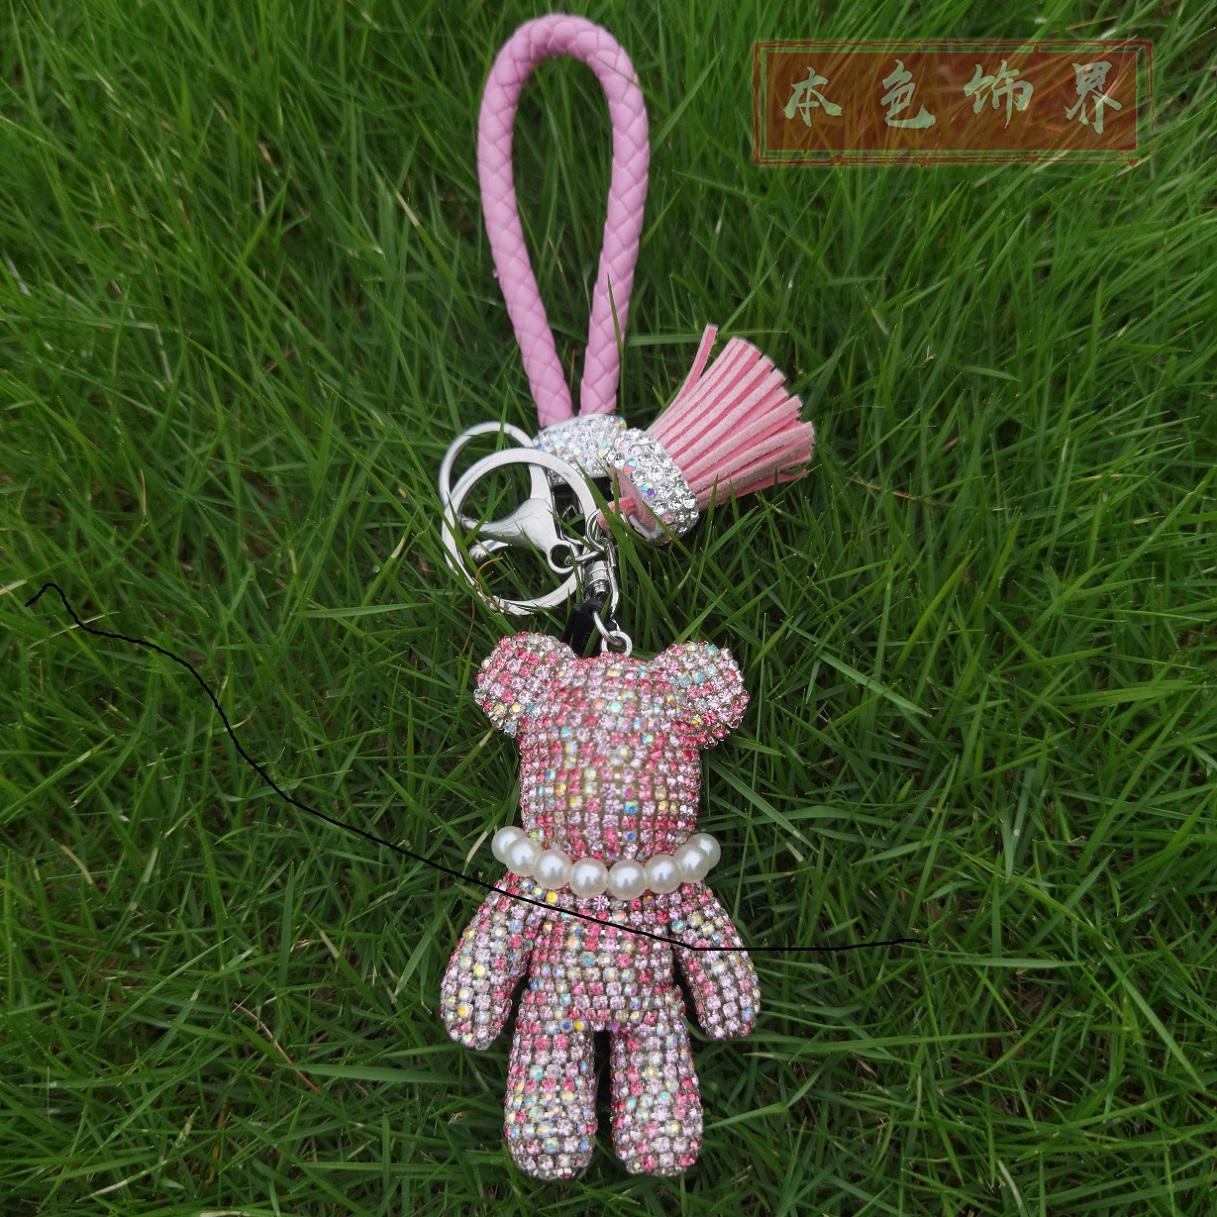 网红暴力熊公仔钥匙扣少女心饰品创意汽车链可爱包包挂件个性礼物